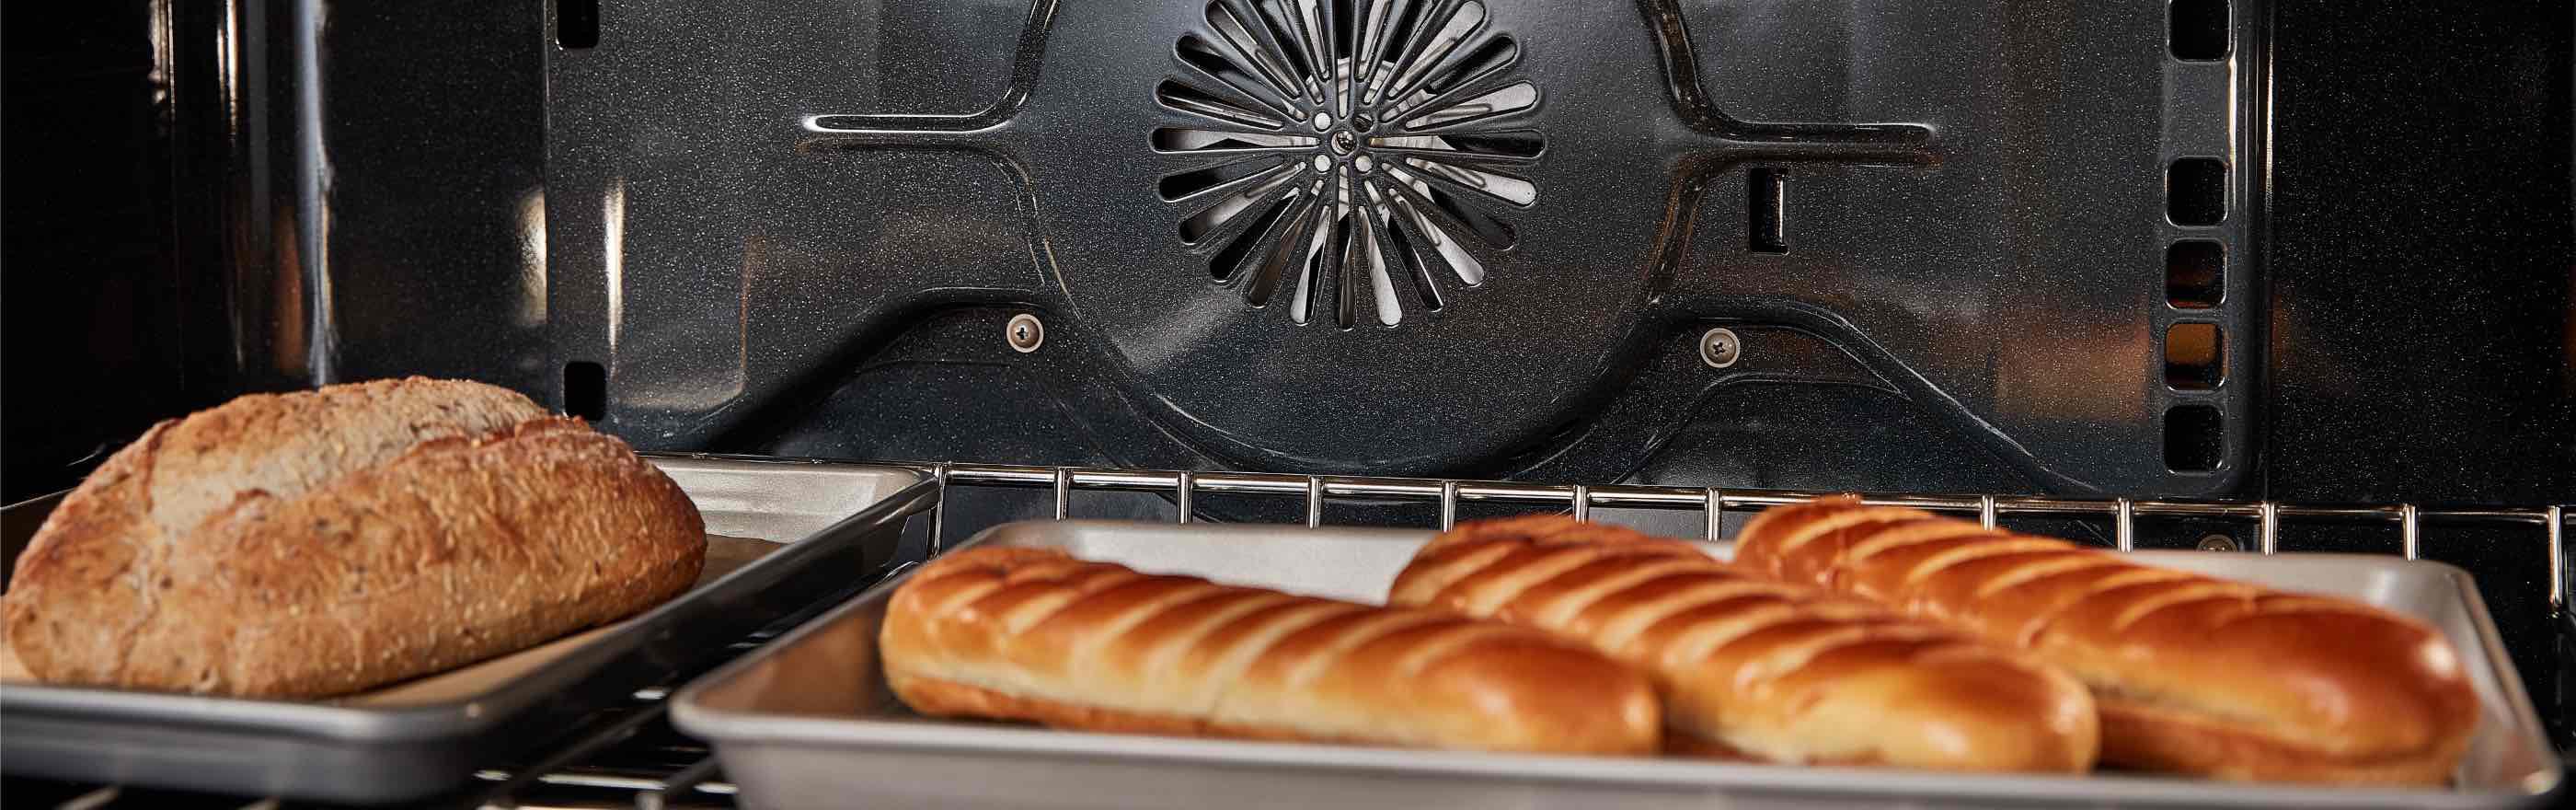 L'intérieur d'un four. Sur la grille se trouvent deux plaques de cuisson : l'une contient trois longues miches de pain et l'autre une seule miche de pain.